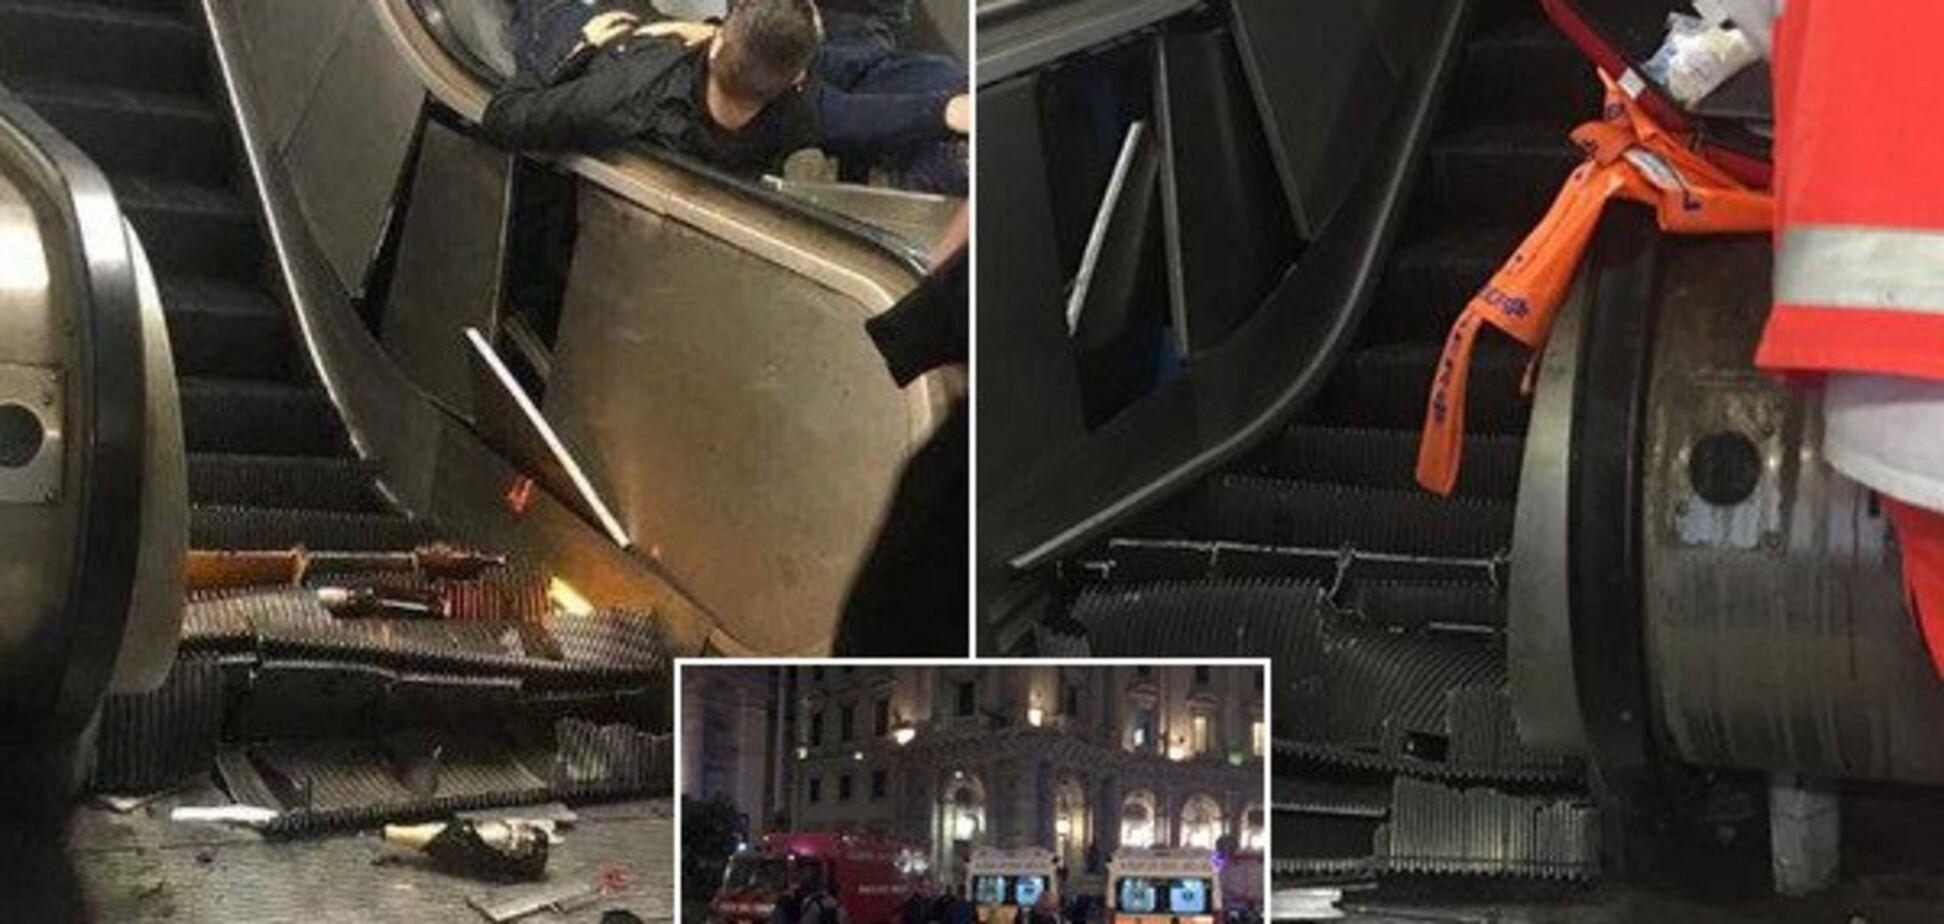 Разорвало ногу: украинцы и россияне угодили в кровавое месиво в Риме перед матчем ЛЧ - фото и видео 18+